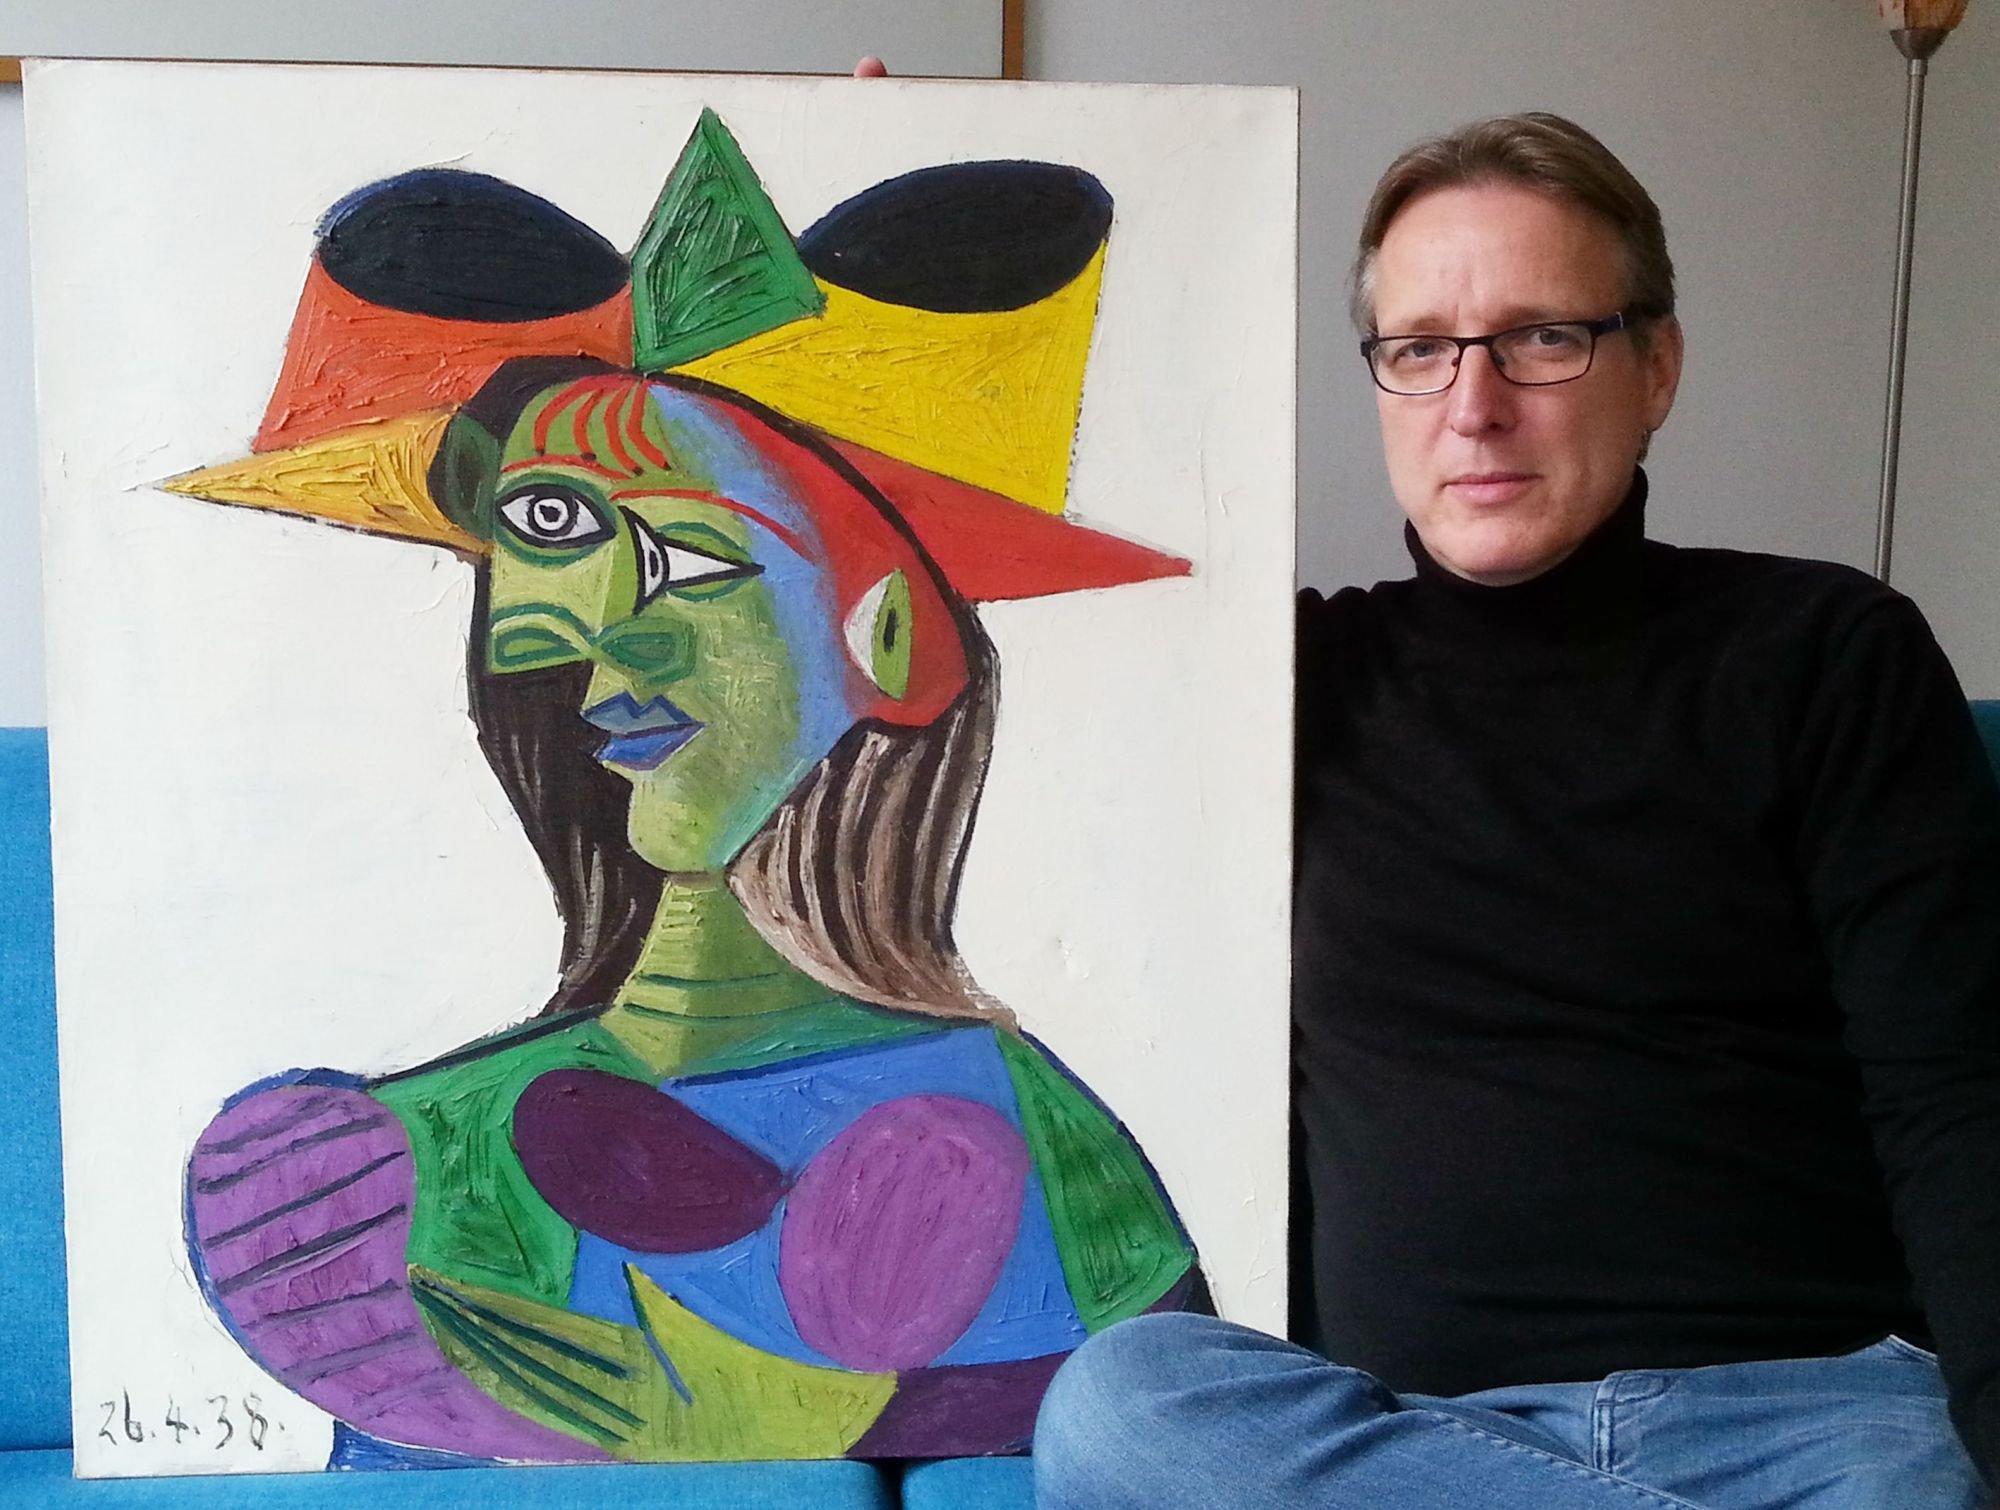 Encuentran en Àmsterdam un cuadro de Picasso robado hace 20